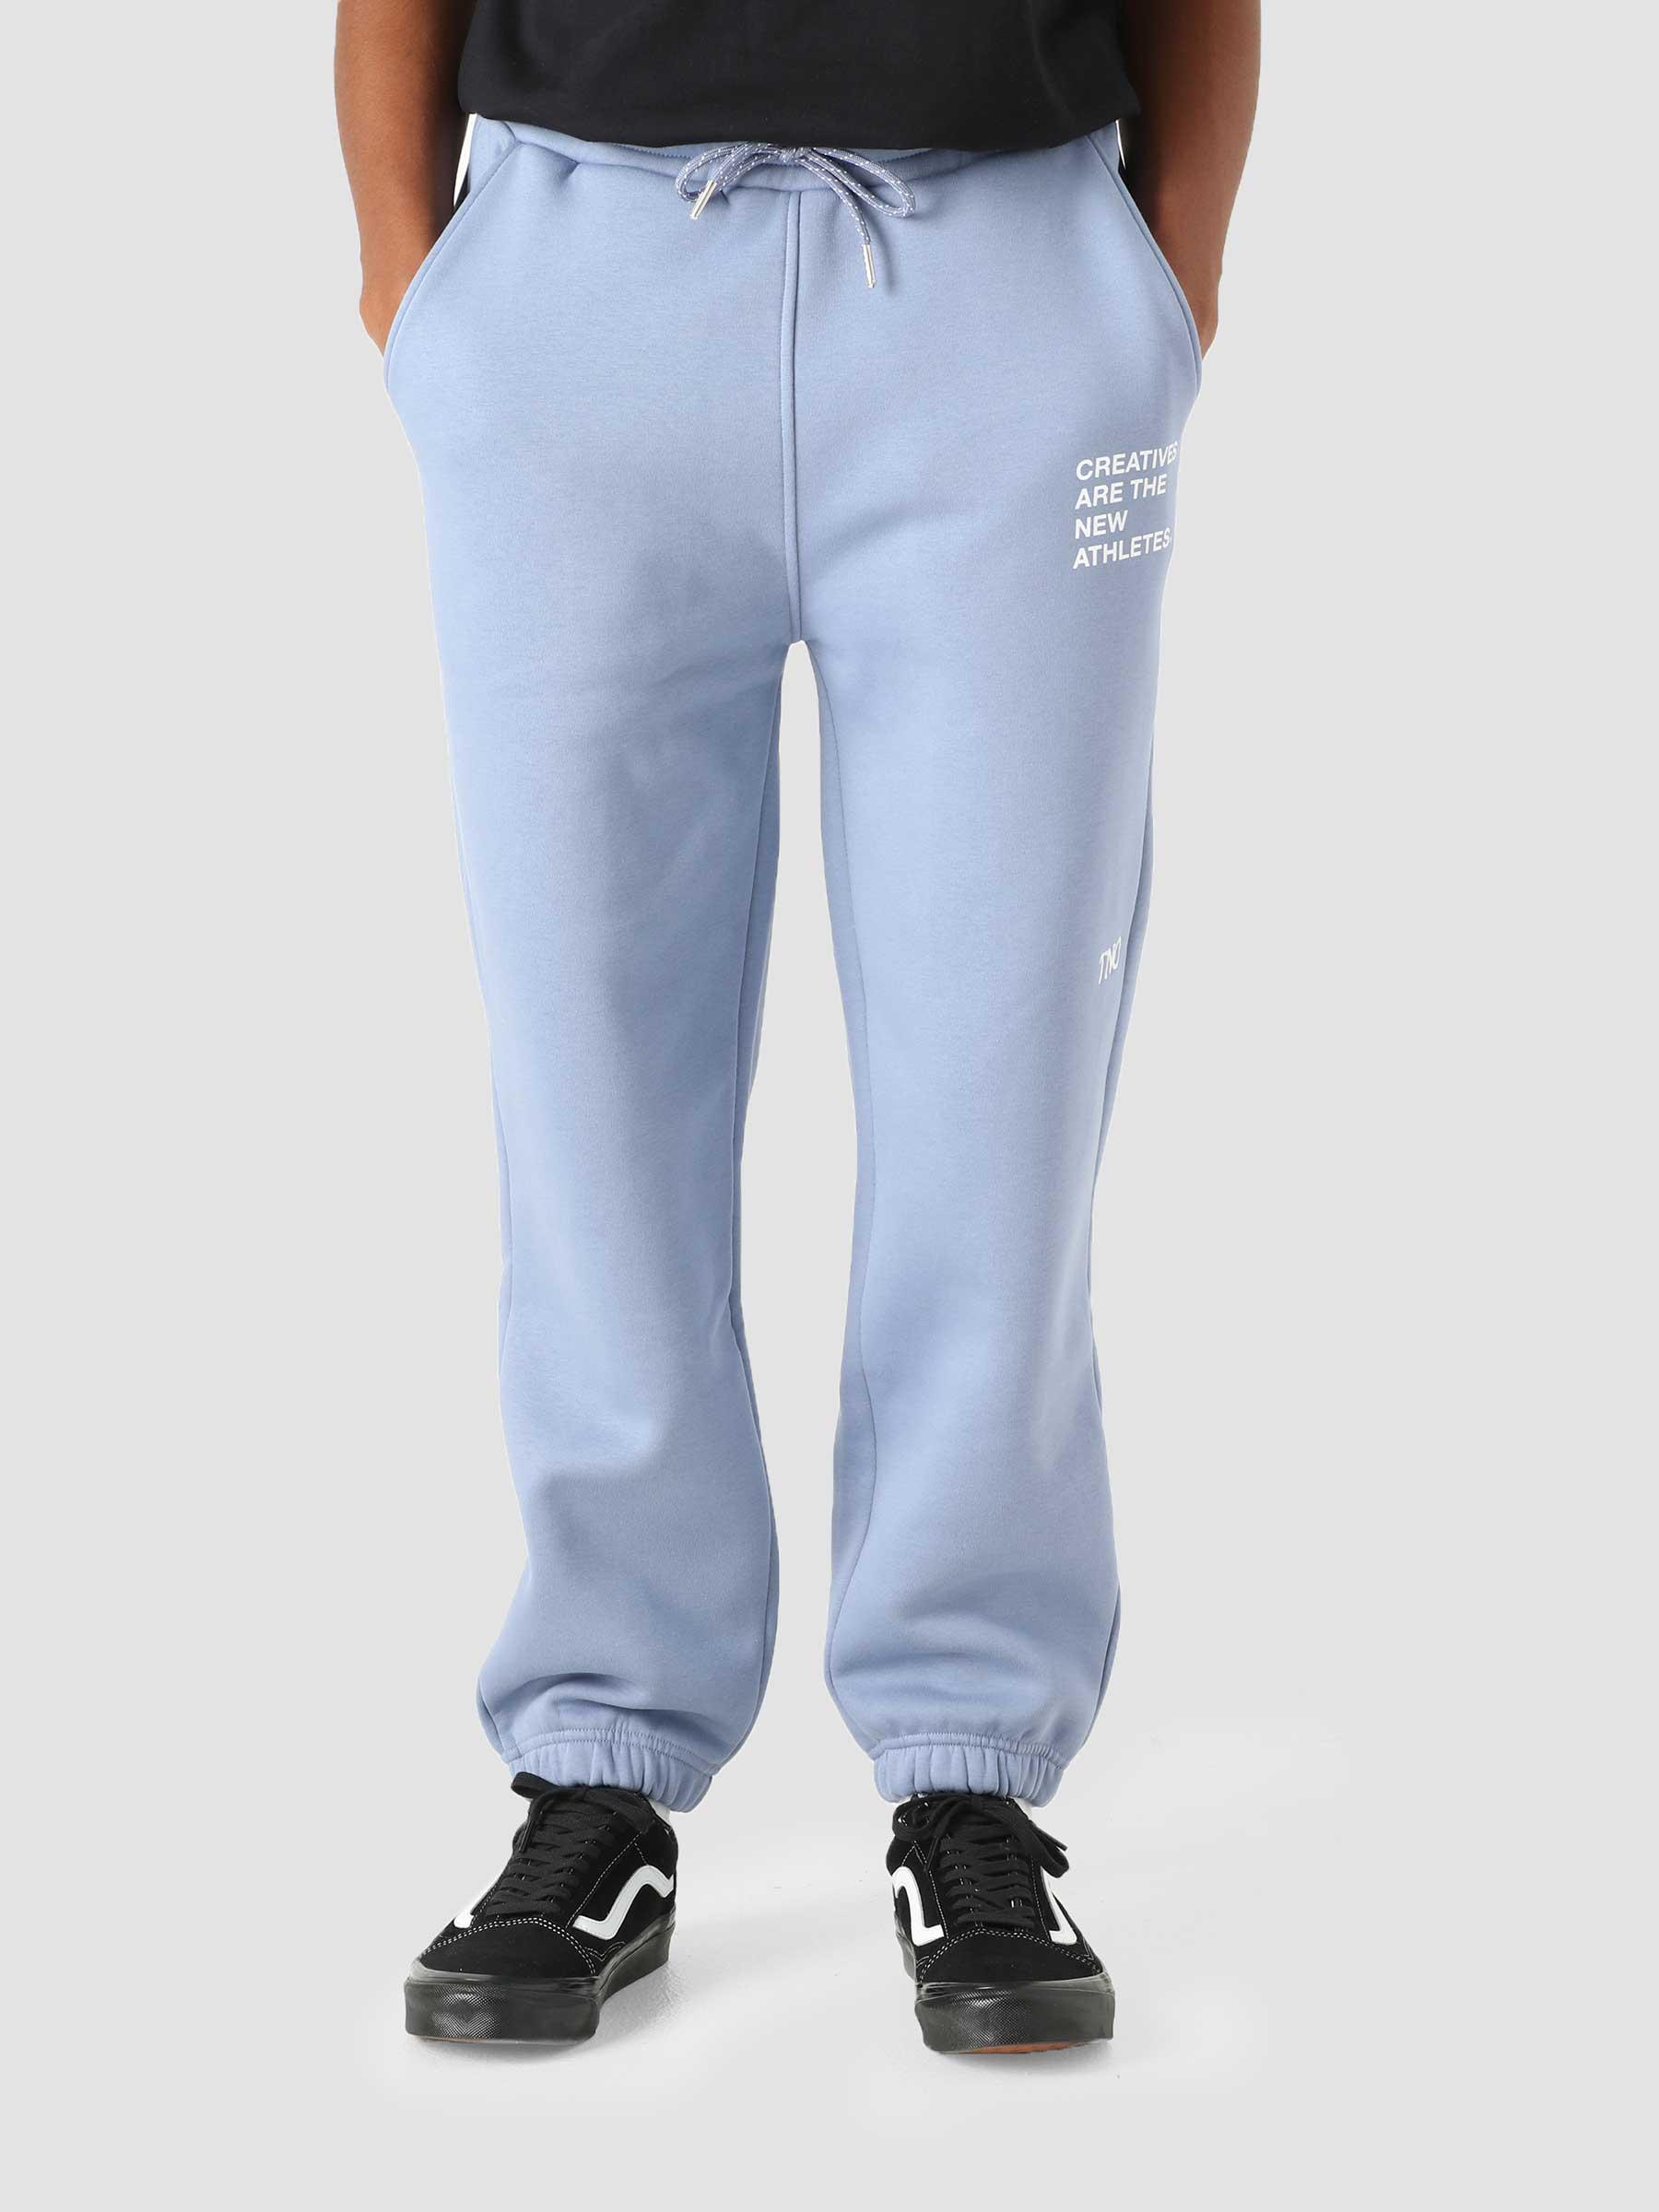 CATNA Jogger Pants Blue TNO.211.CAT.500.606